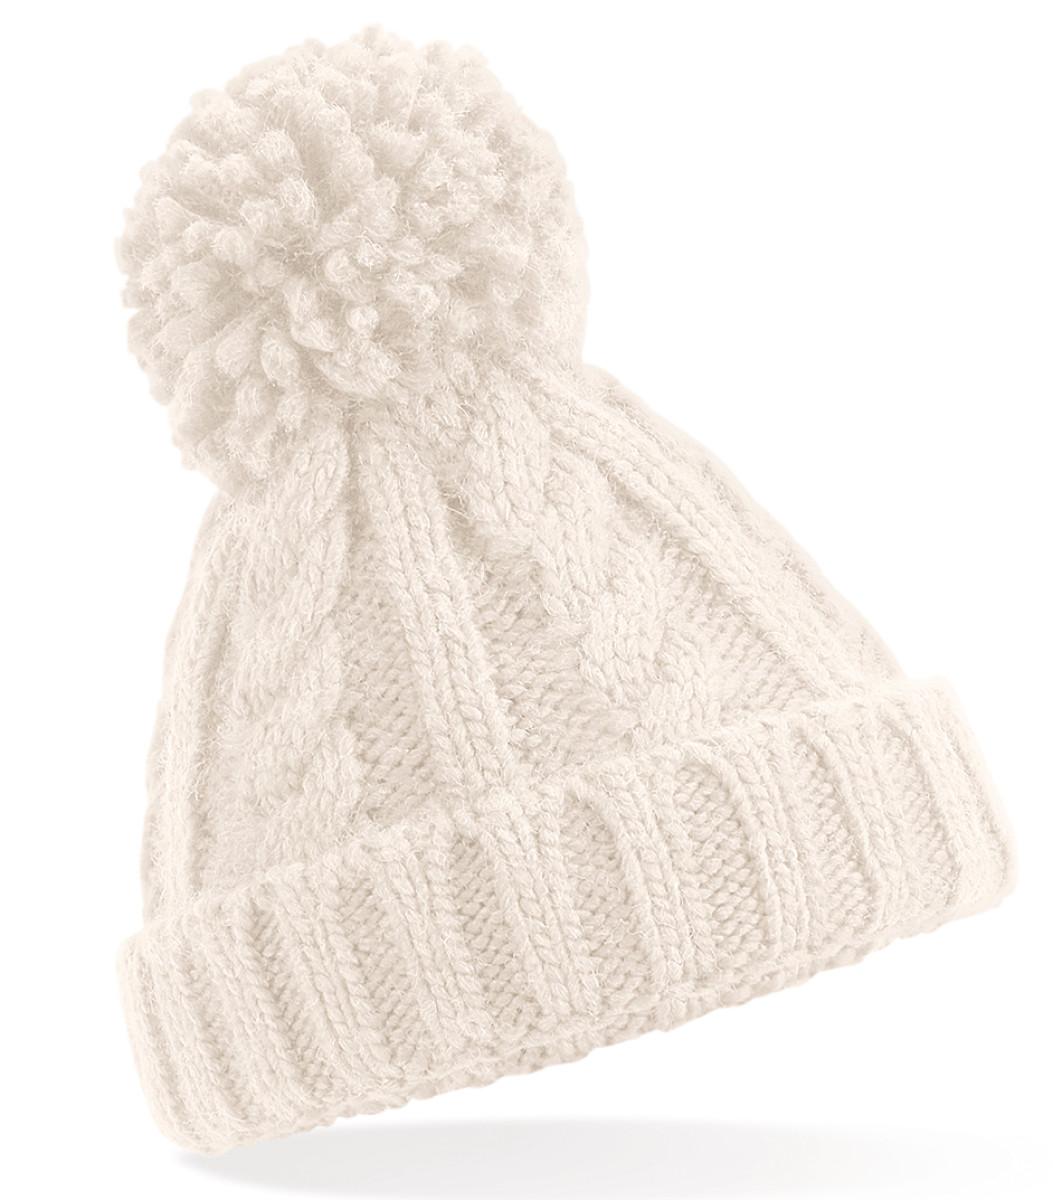 Beechfield Infant Cble Knit Melang Beane